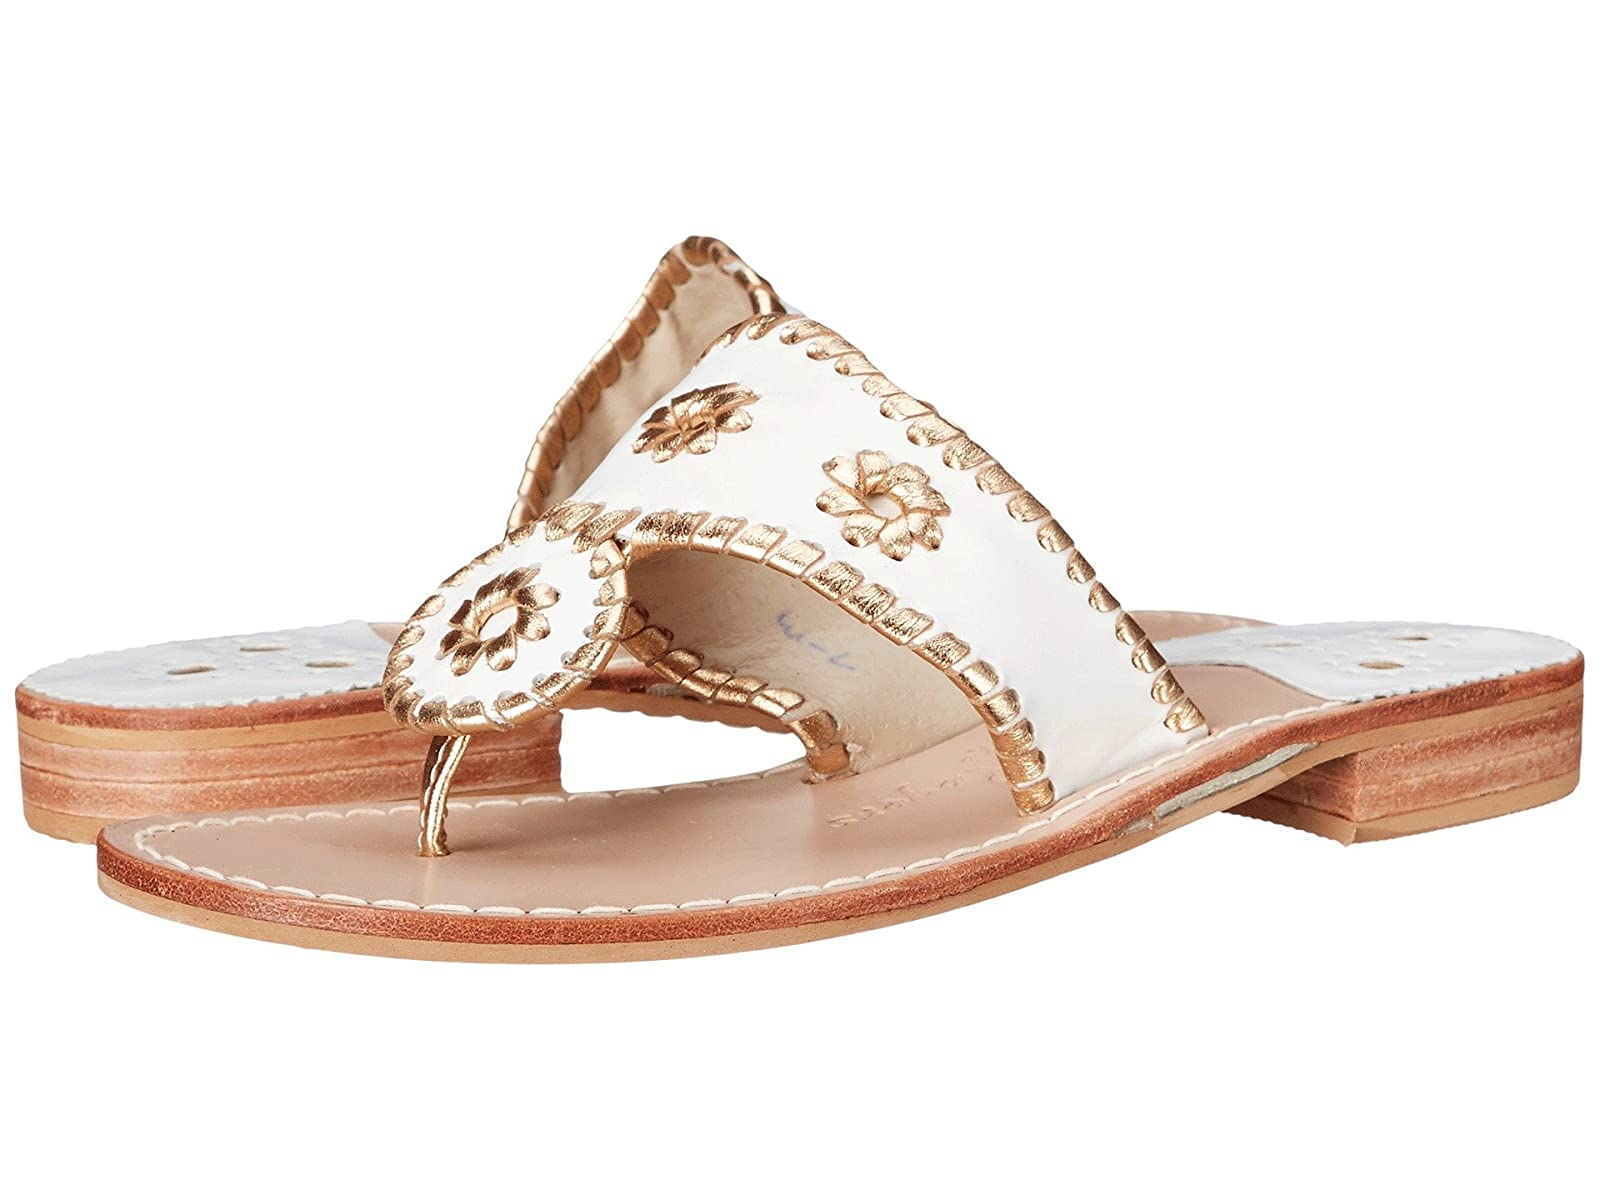 Jack Rogers Nantucket GoldAtmospheric grades have affordable shoes